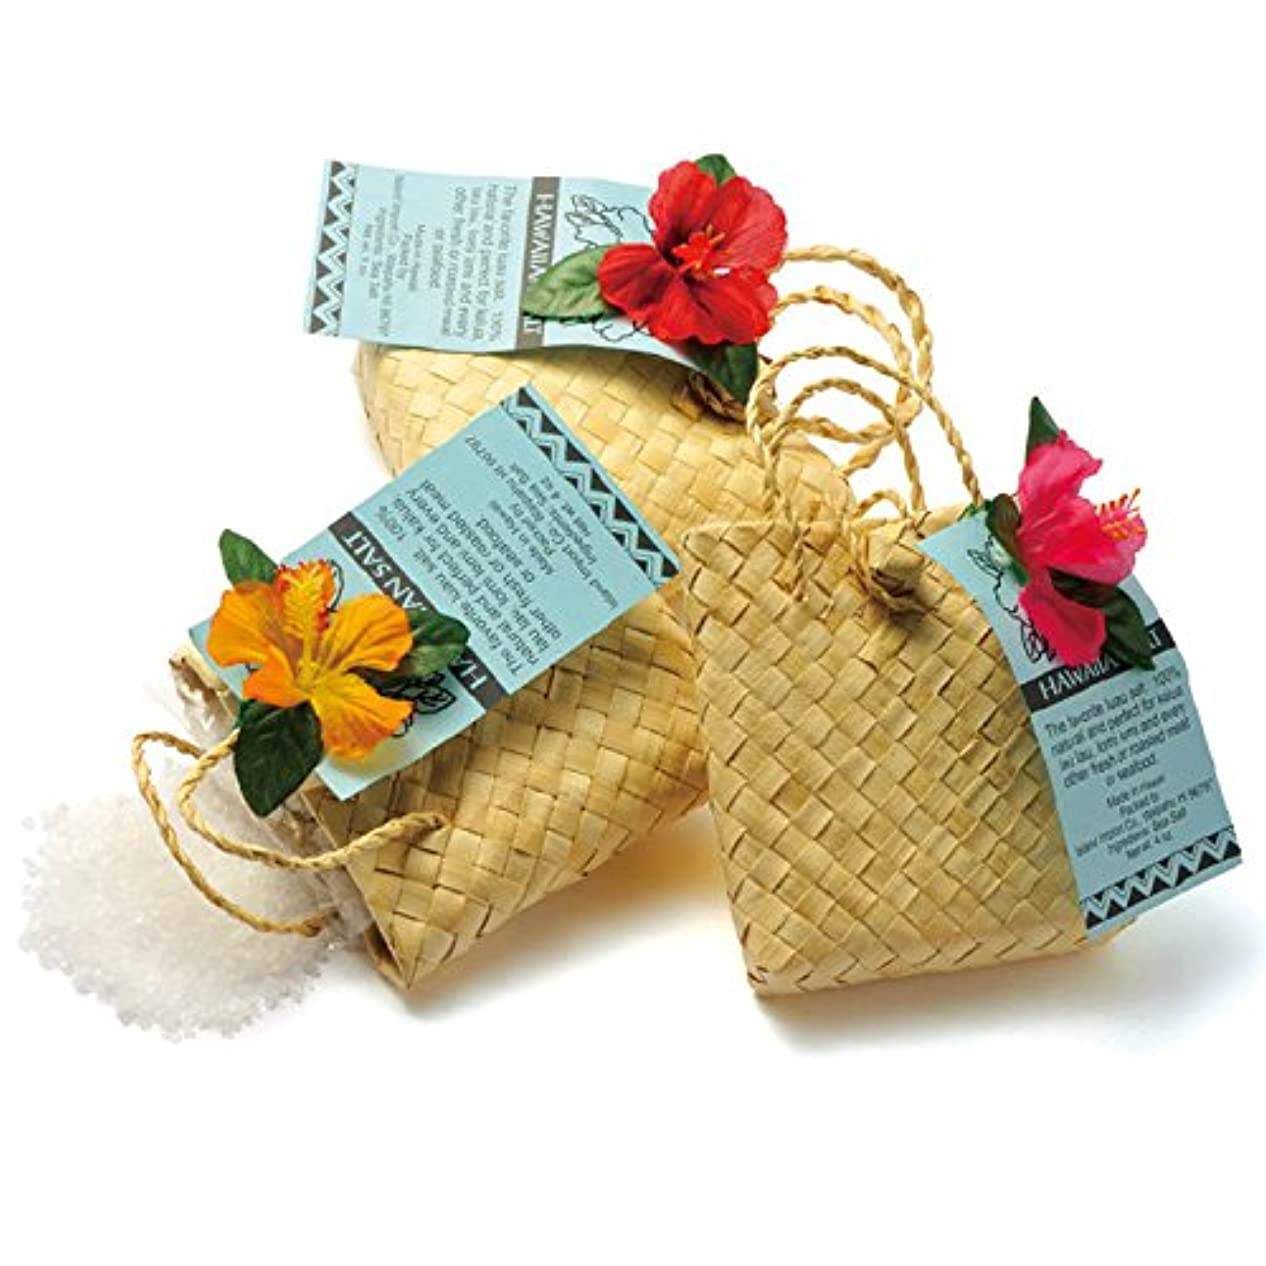 旋回磁器治安判事ハワイ 土産 ハワイ ソルトバッグ入り 3袋セット (海外旅行 ハワイ お土産)